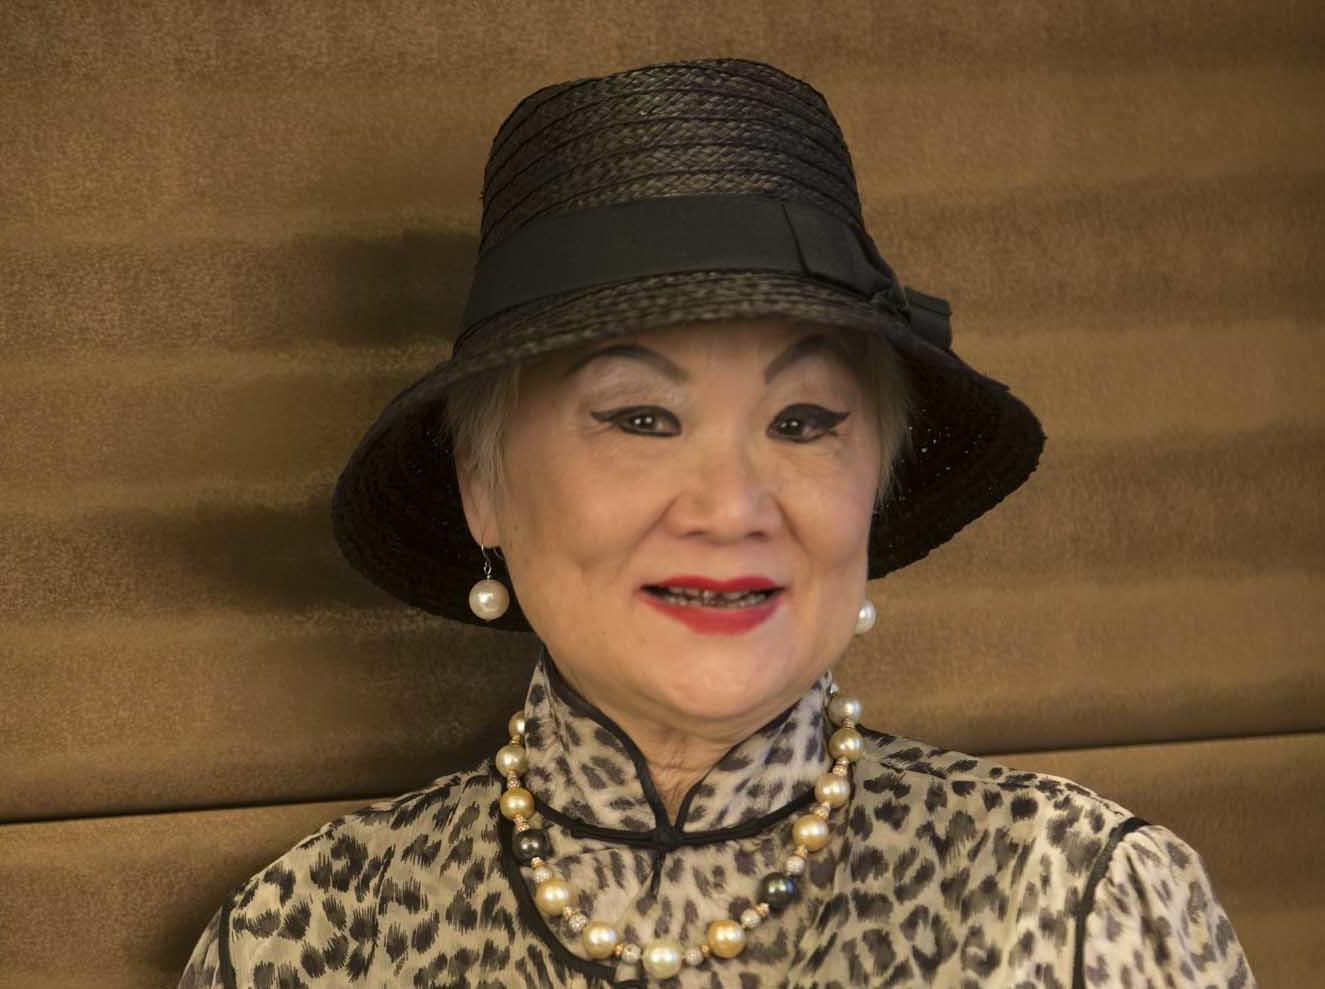 【华丽志独家专访】Lanvin 全球总裁王效兰女士:成功复兴欧洲经典奢侈品牌的中国女报人